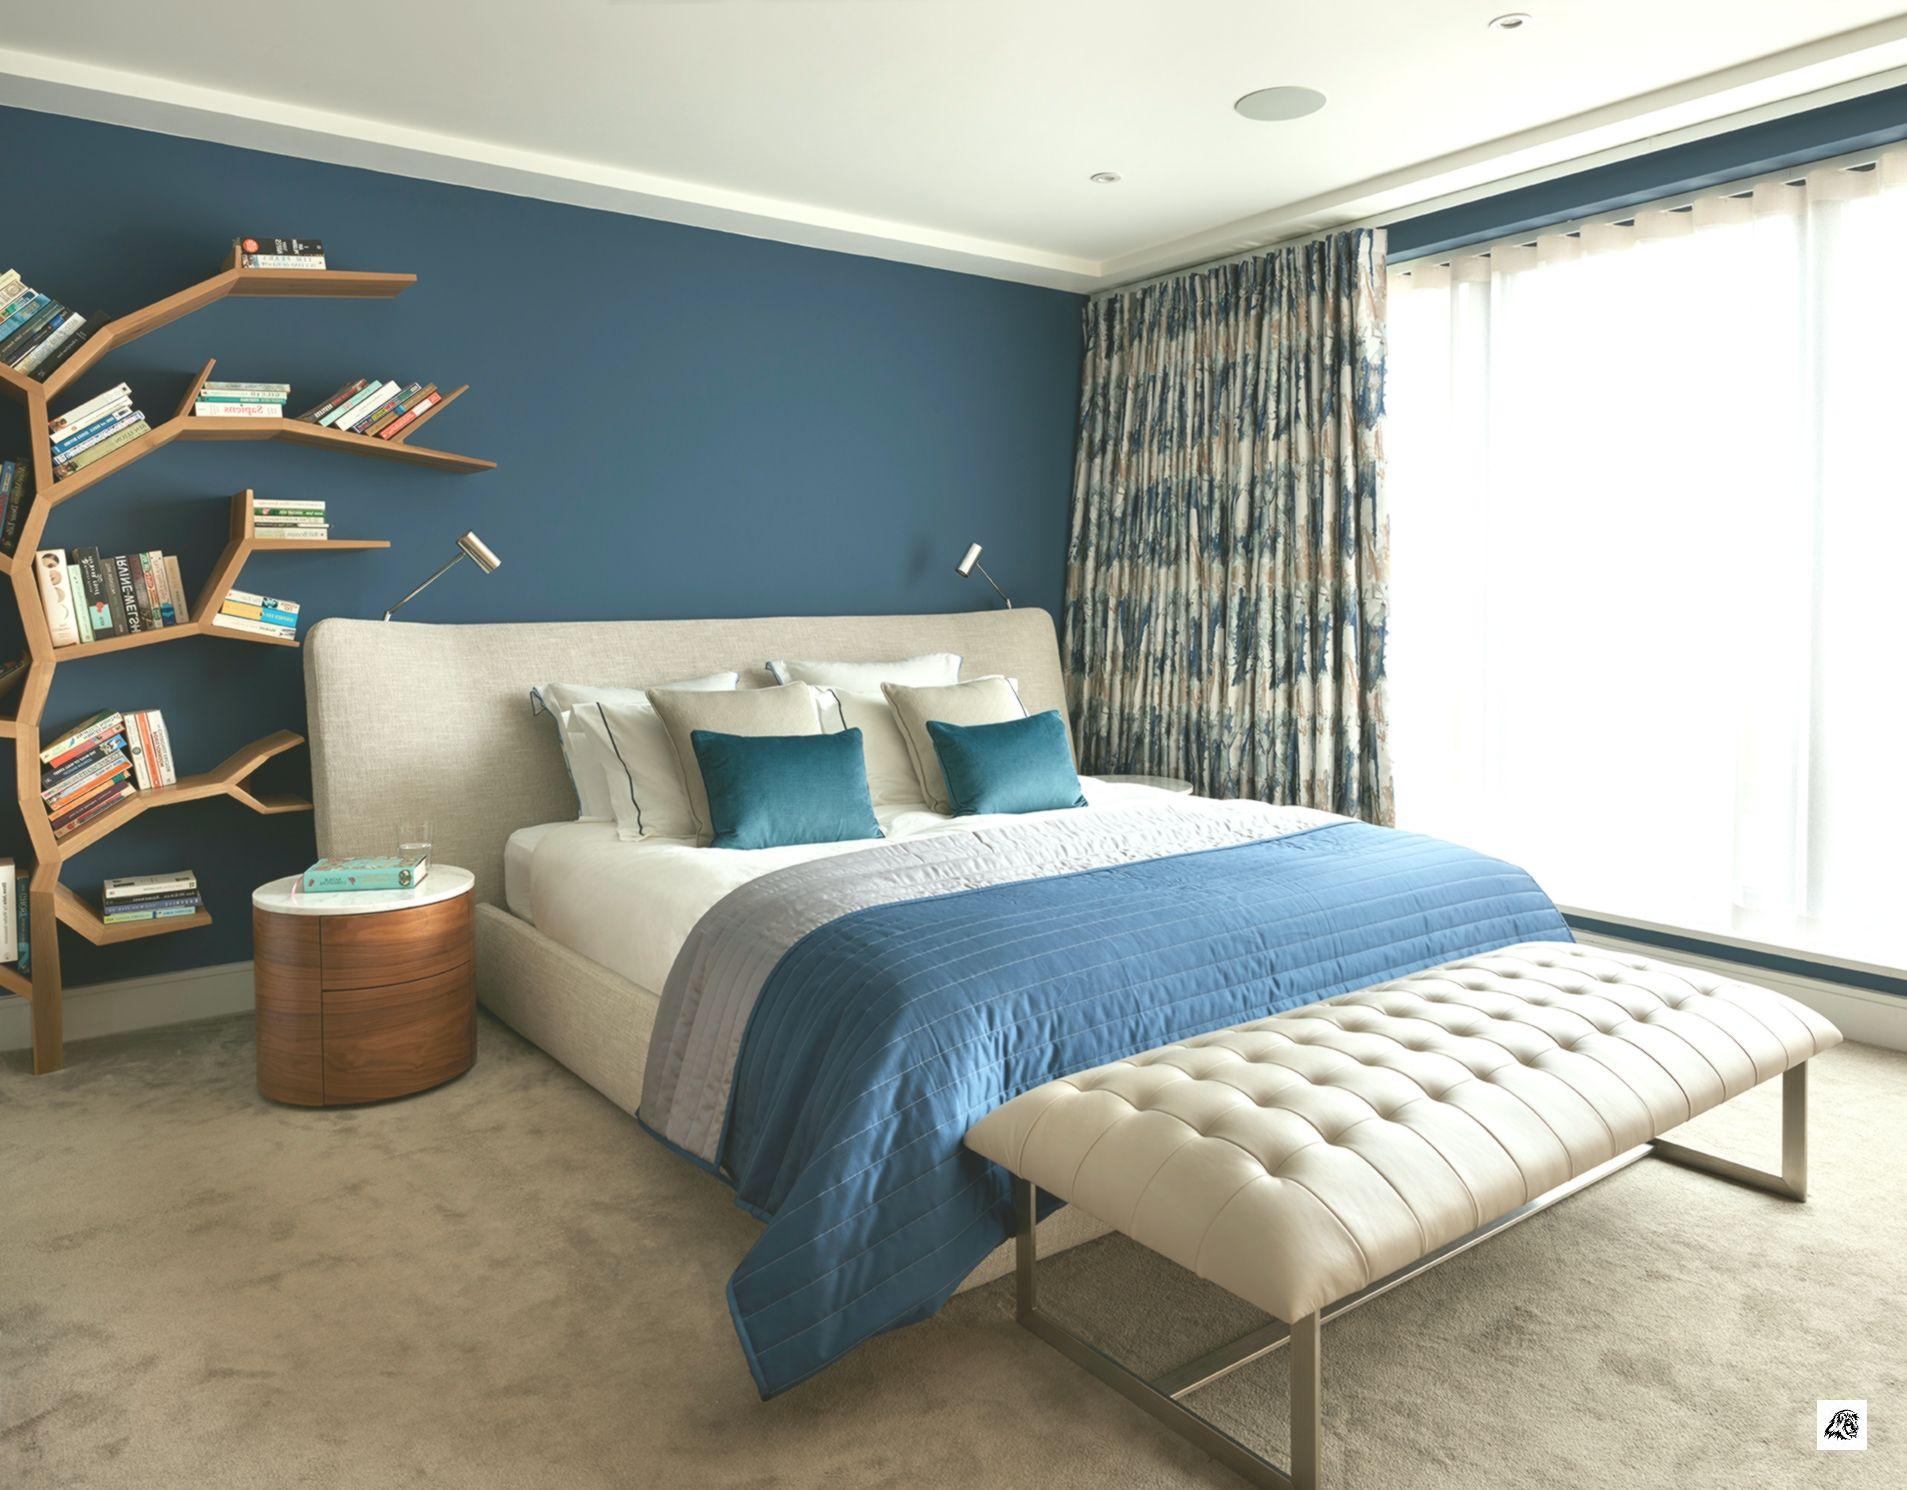 26 Interior For Bedroom Amazing Bedroom Ideas 2019 Bedroom